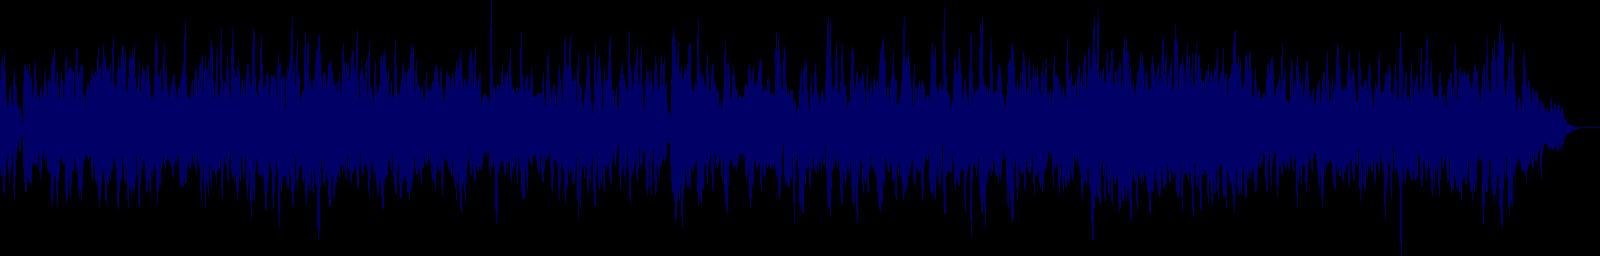 waveform of track #158911